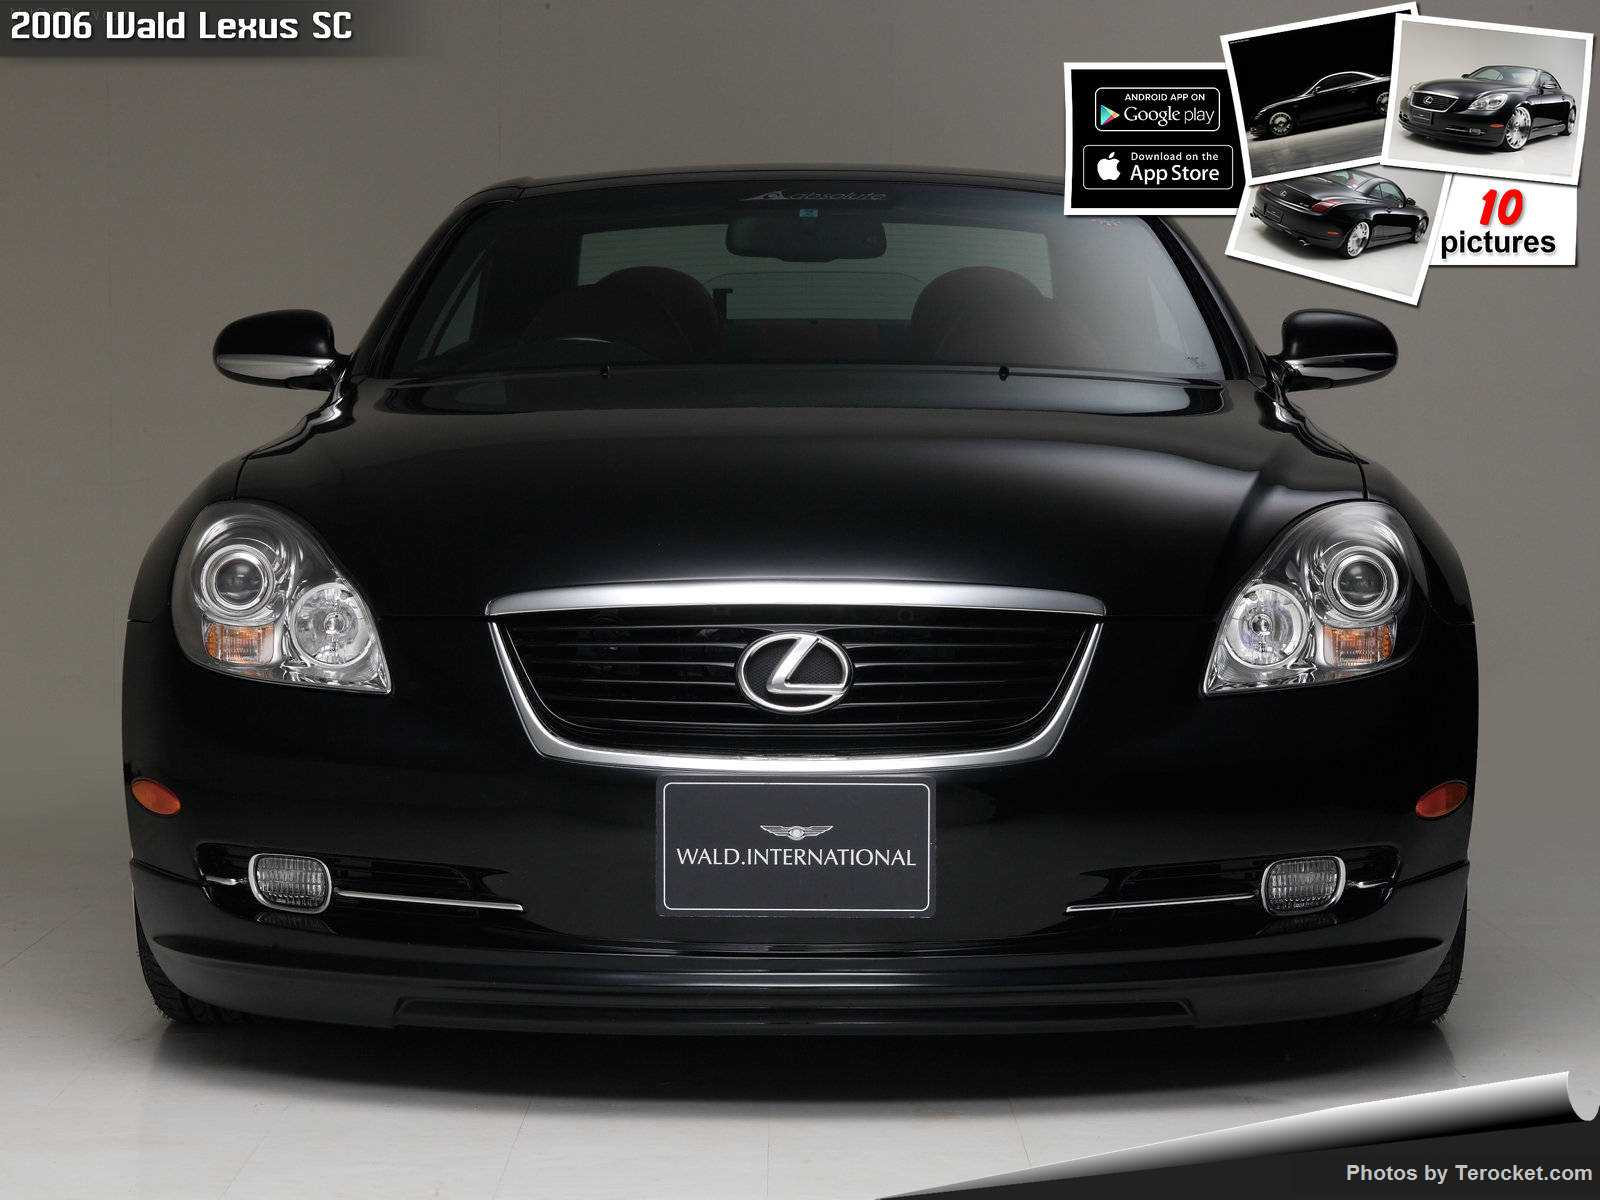 Hình ảnh xe độ Wald Lexus SC 2006 & nội ngoại thất